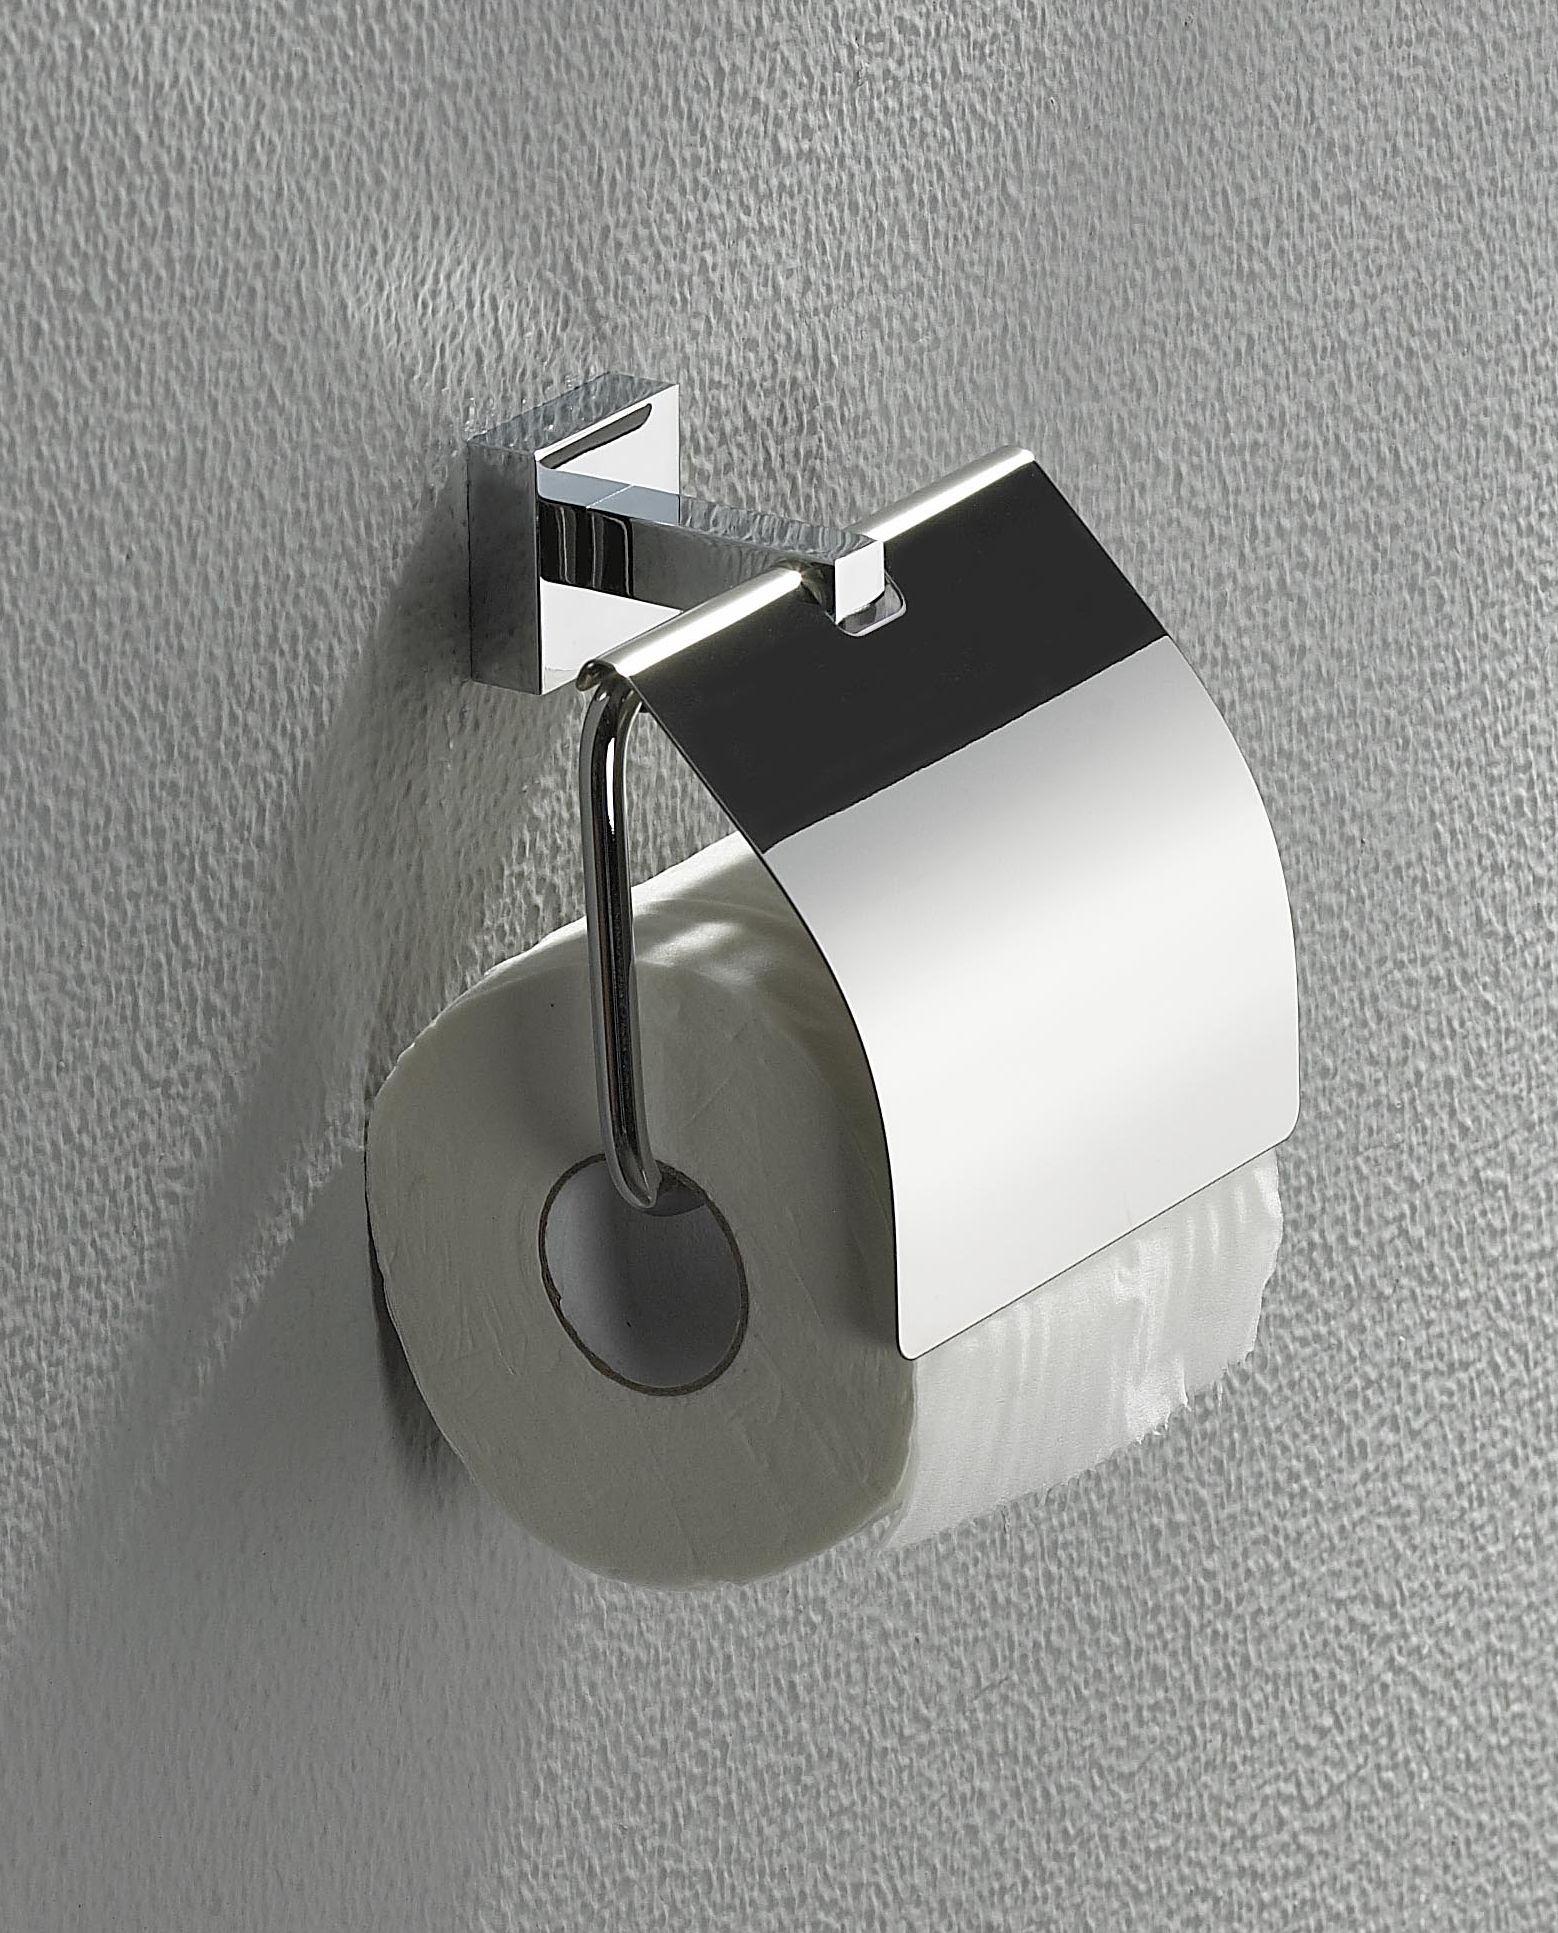 CA-Serie Toilettenpapierhalter mit Deckel